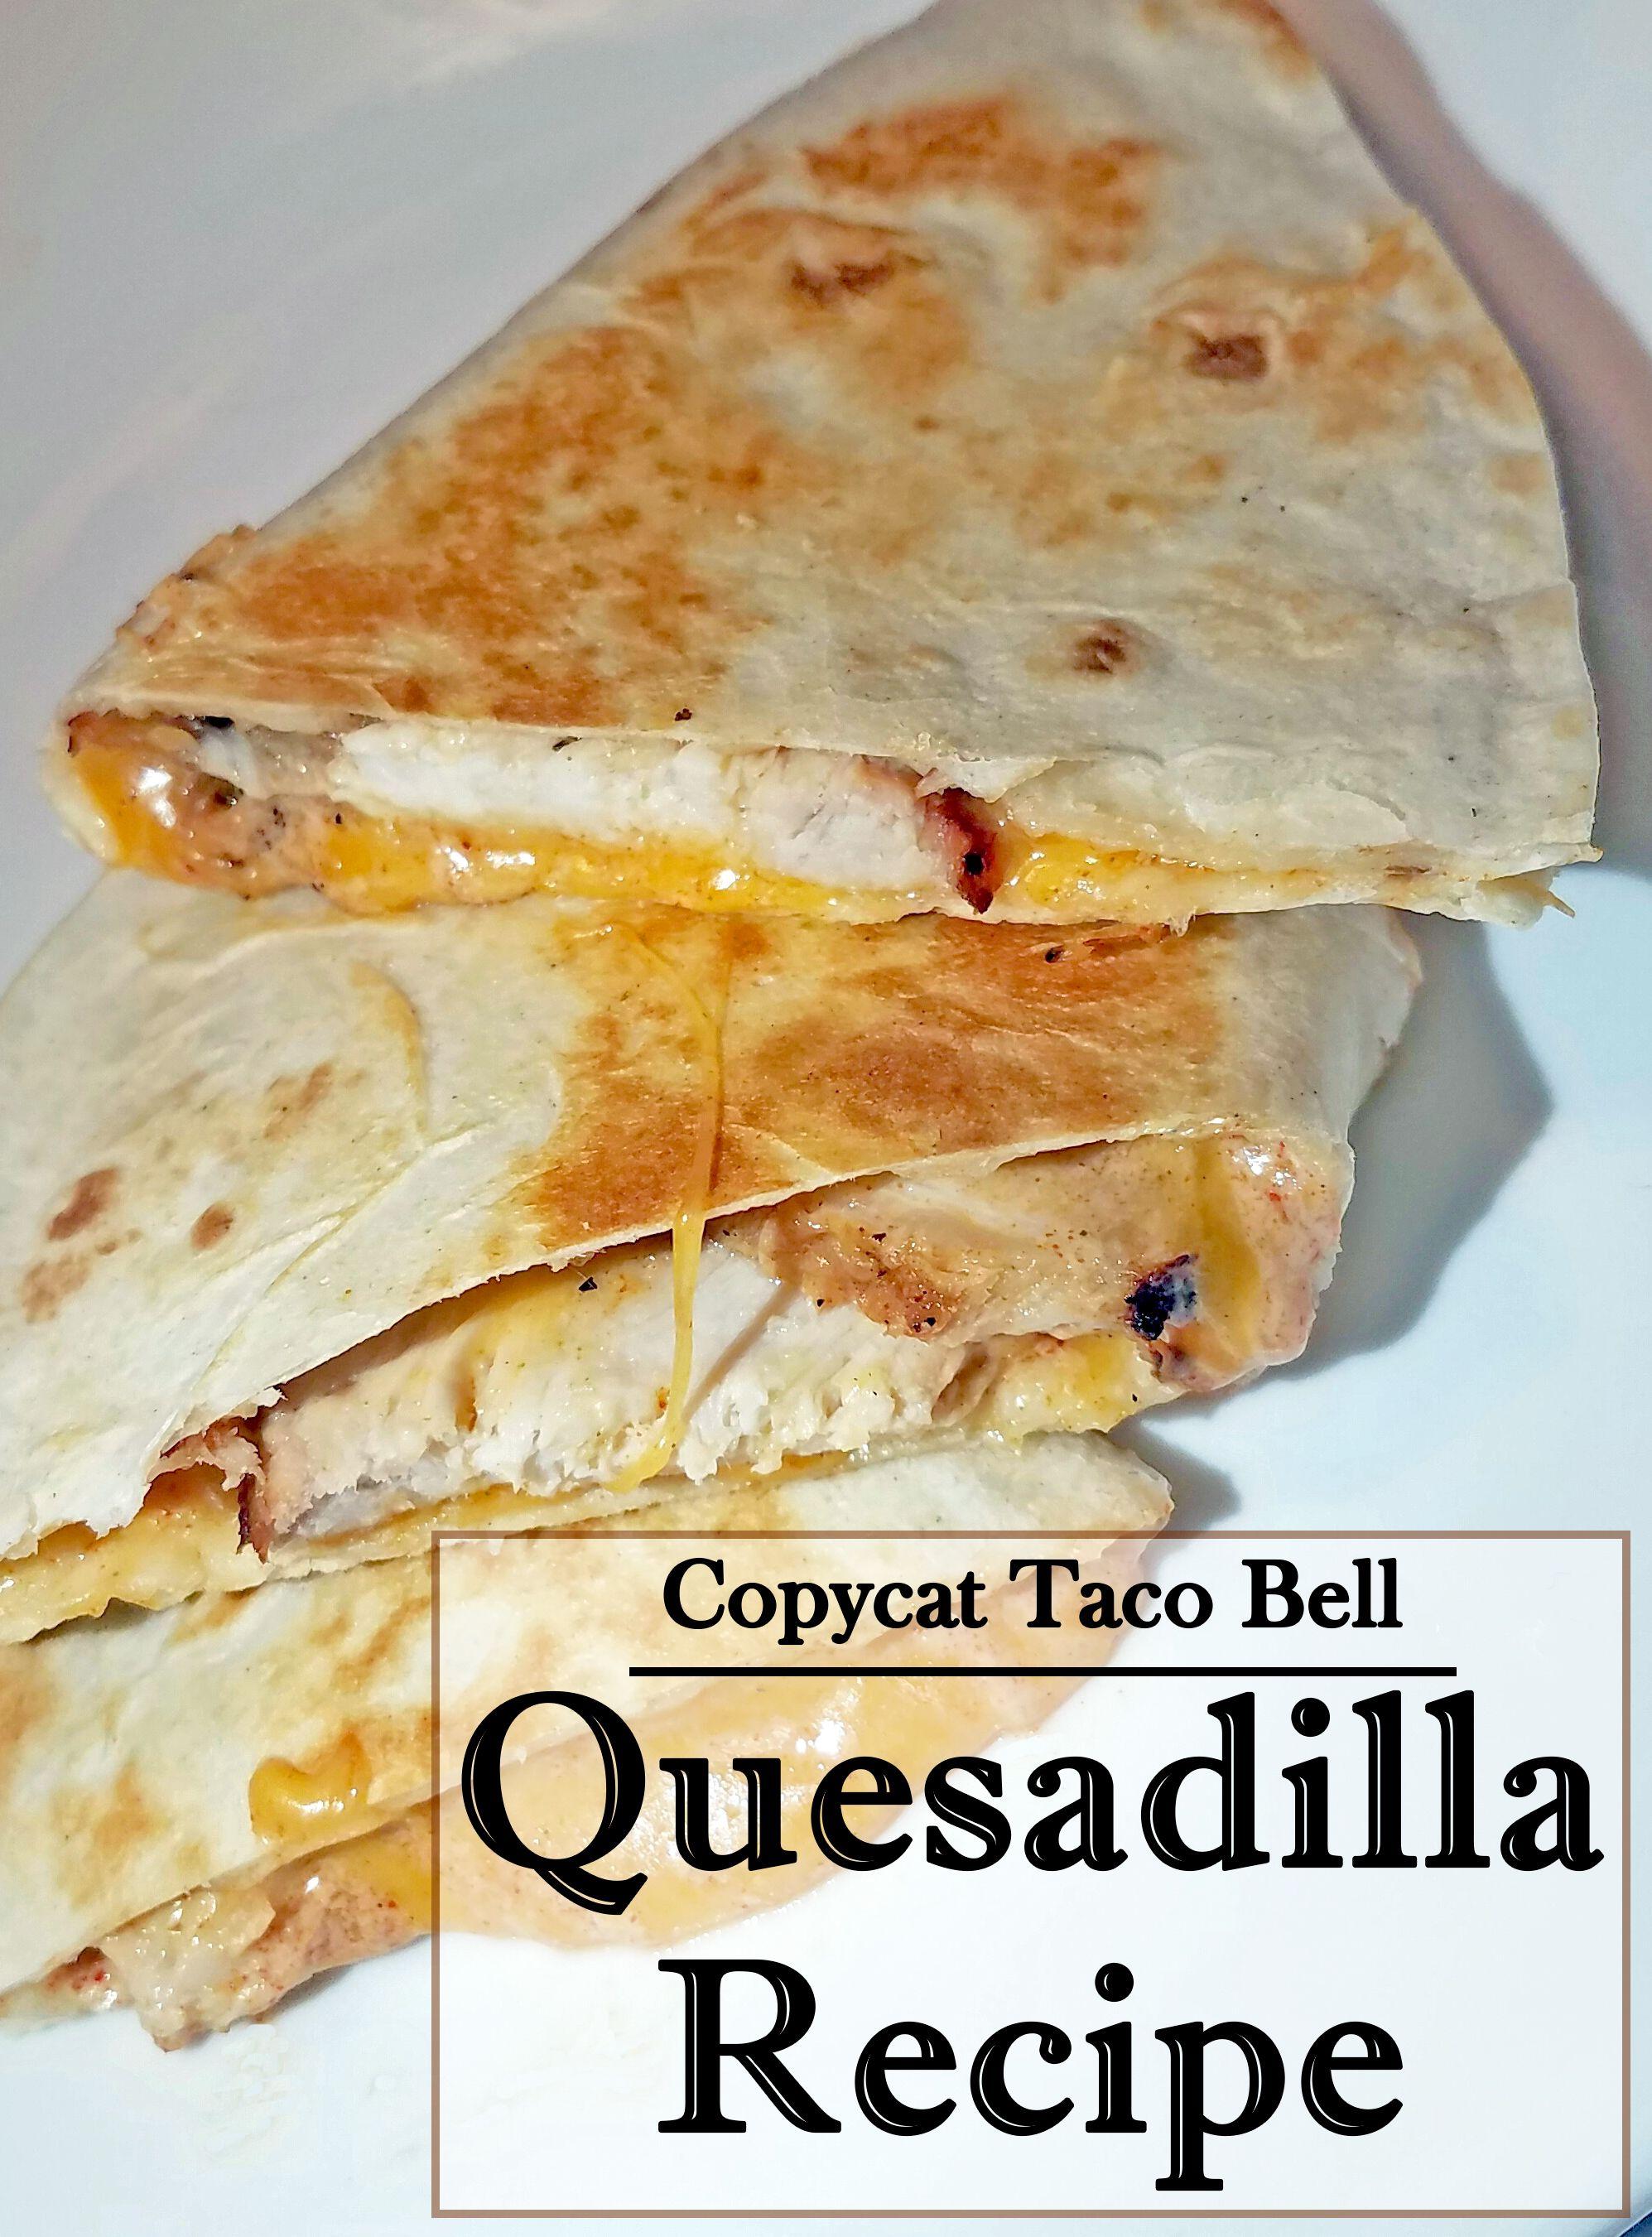 Copycat Tacobell Quesadilla Recipe Quesidilla Recipes Quesadilla Recipes Quesadilla Recipes Easy